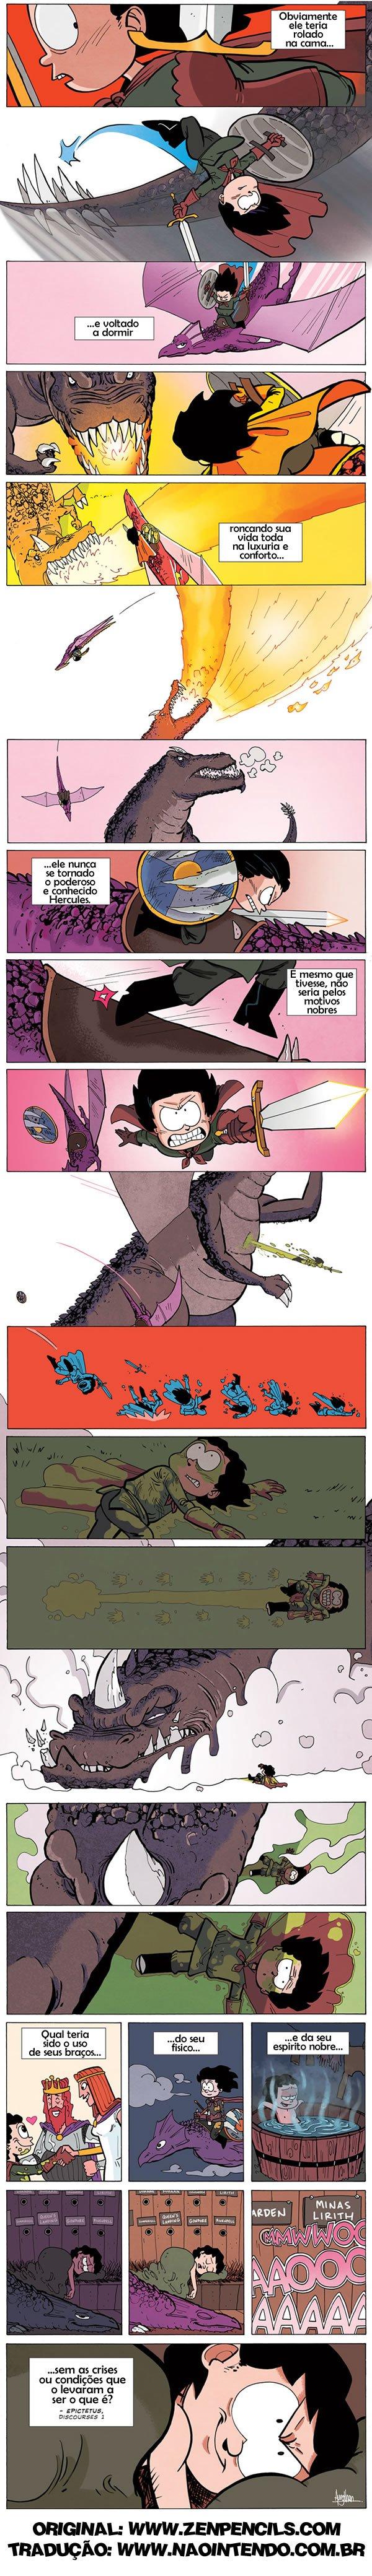 O que seriam dos herois se nao houvessem os obstaculos